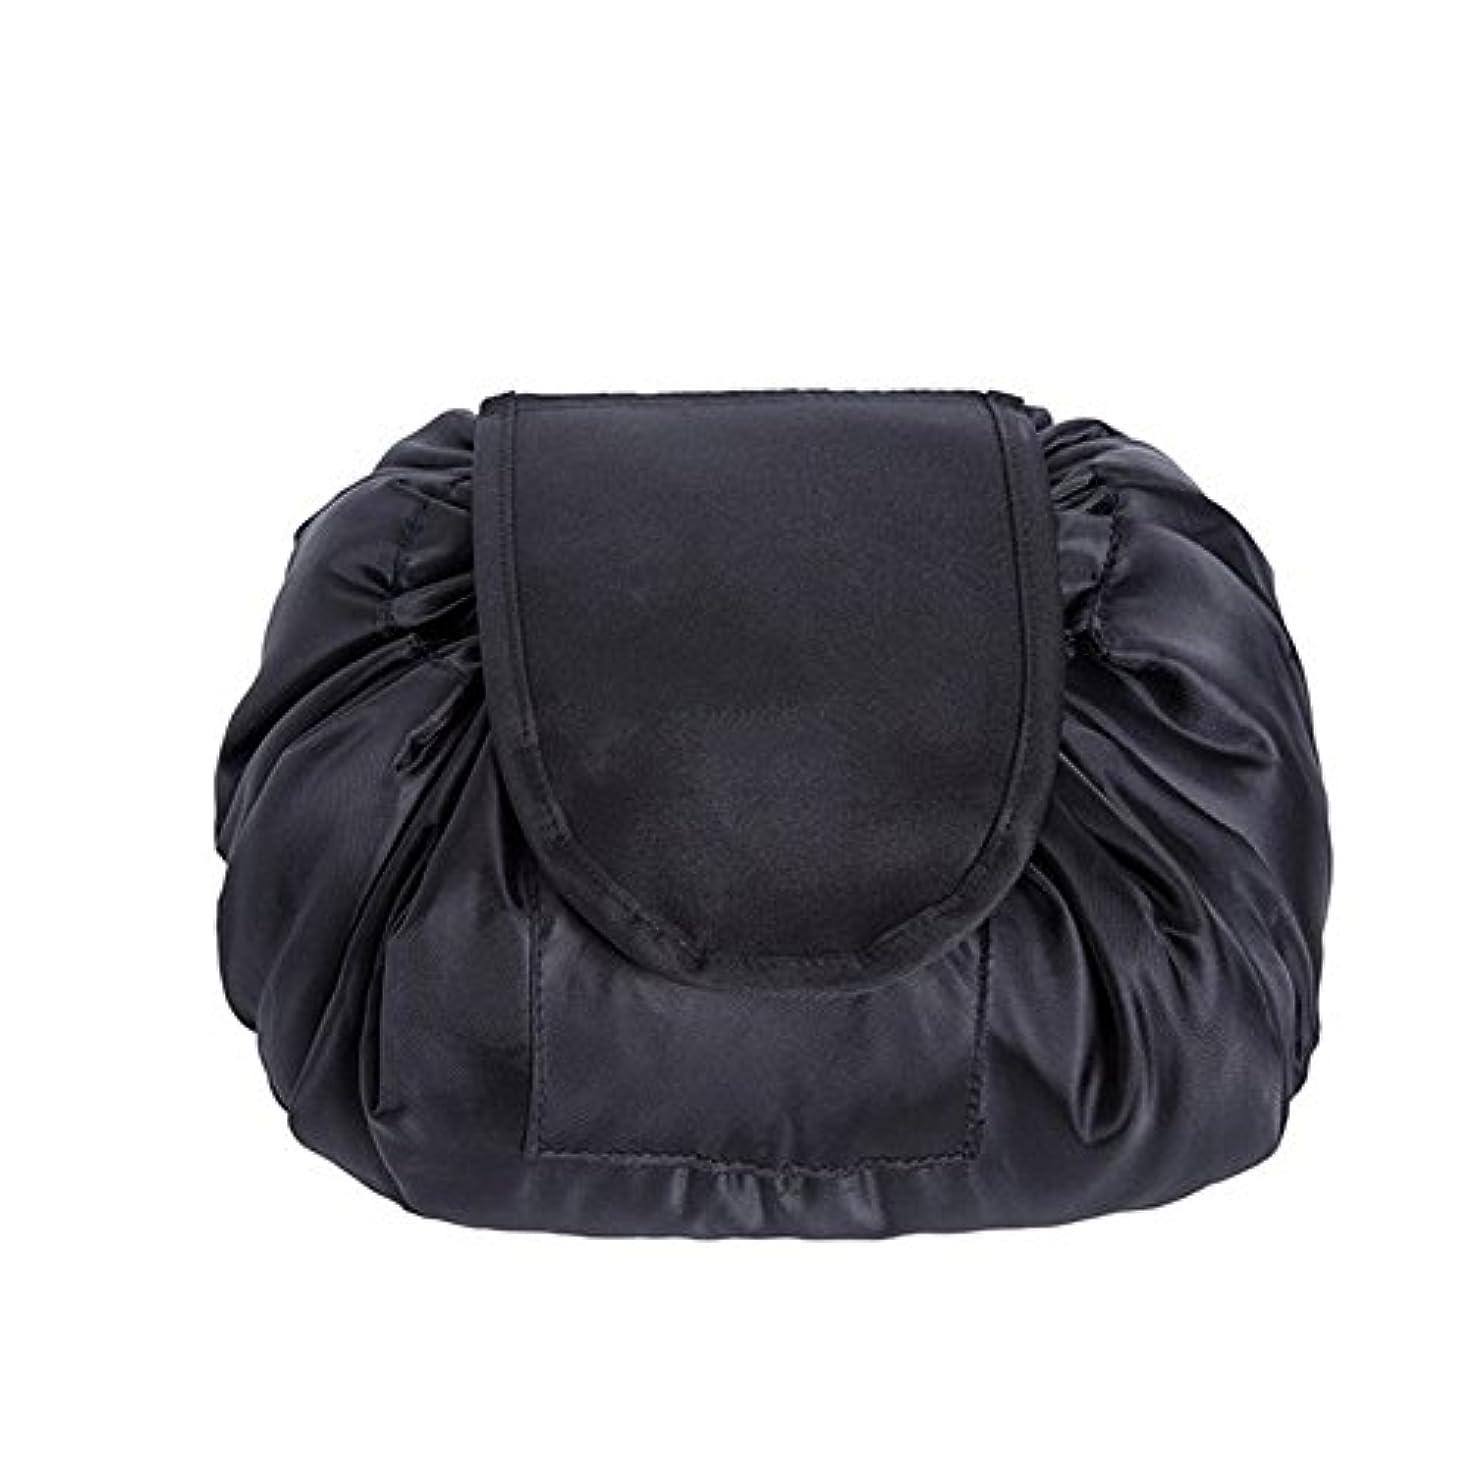 対立性的アンプSimonJp メイクポーチ 化粧ポーチ 化粧品収納 収納ポーチ 多機能 大容量 巾着袋 防水 携帯 軽量 旅行 便利 ブラック